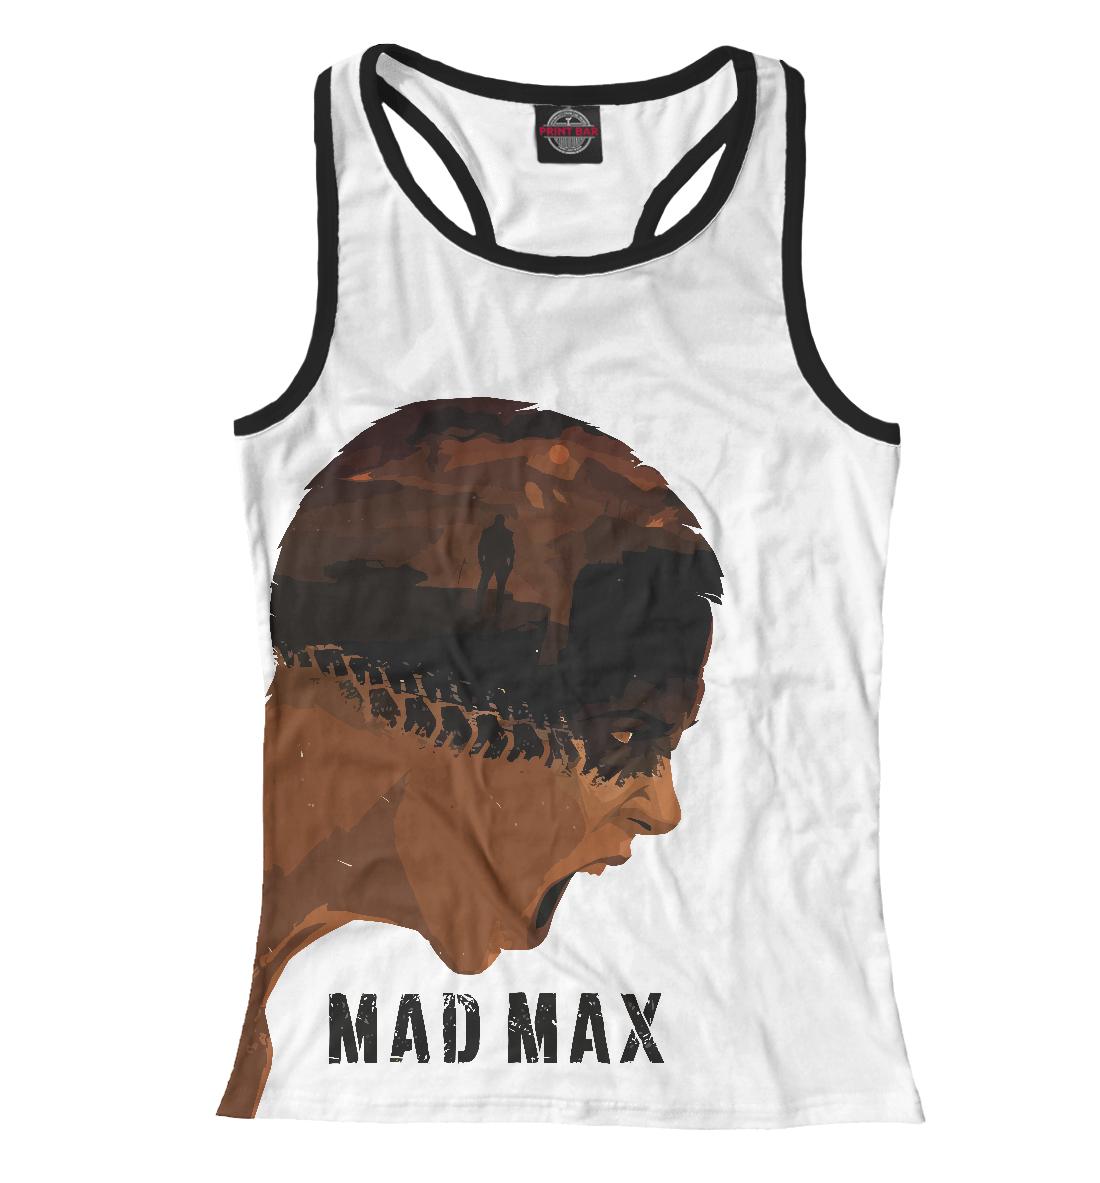 Купить Mad Max, Printbar, Майки борцовки, KNO-499365-mayb-1